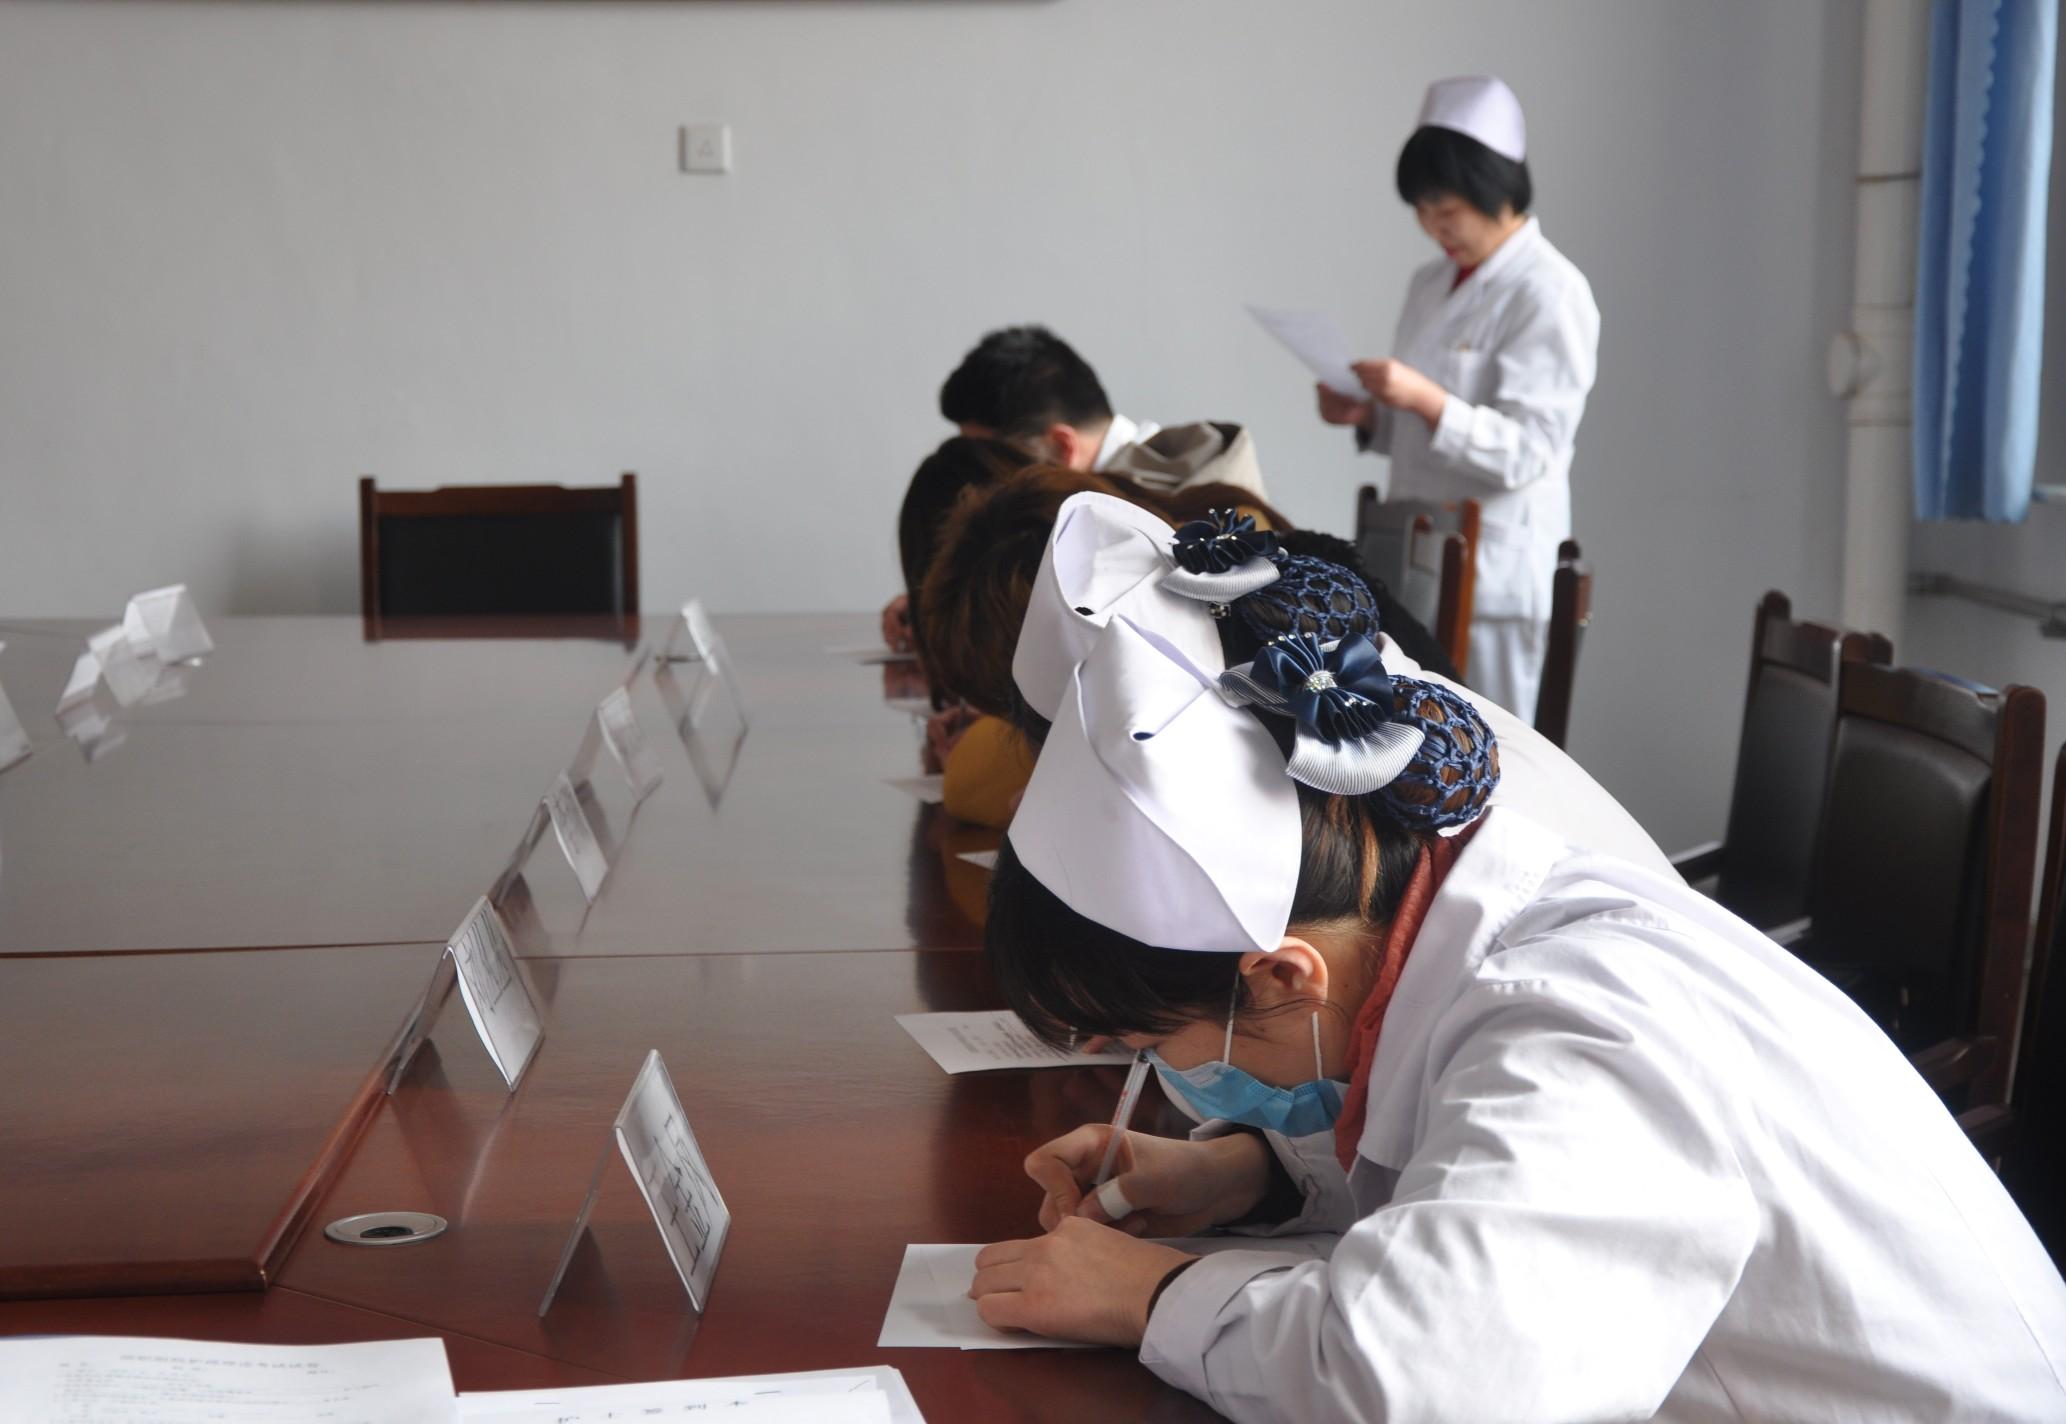 执业护士考试《专业实务》摸底自测题(2)